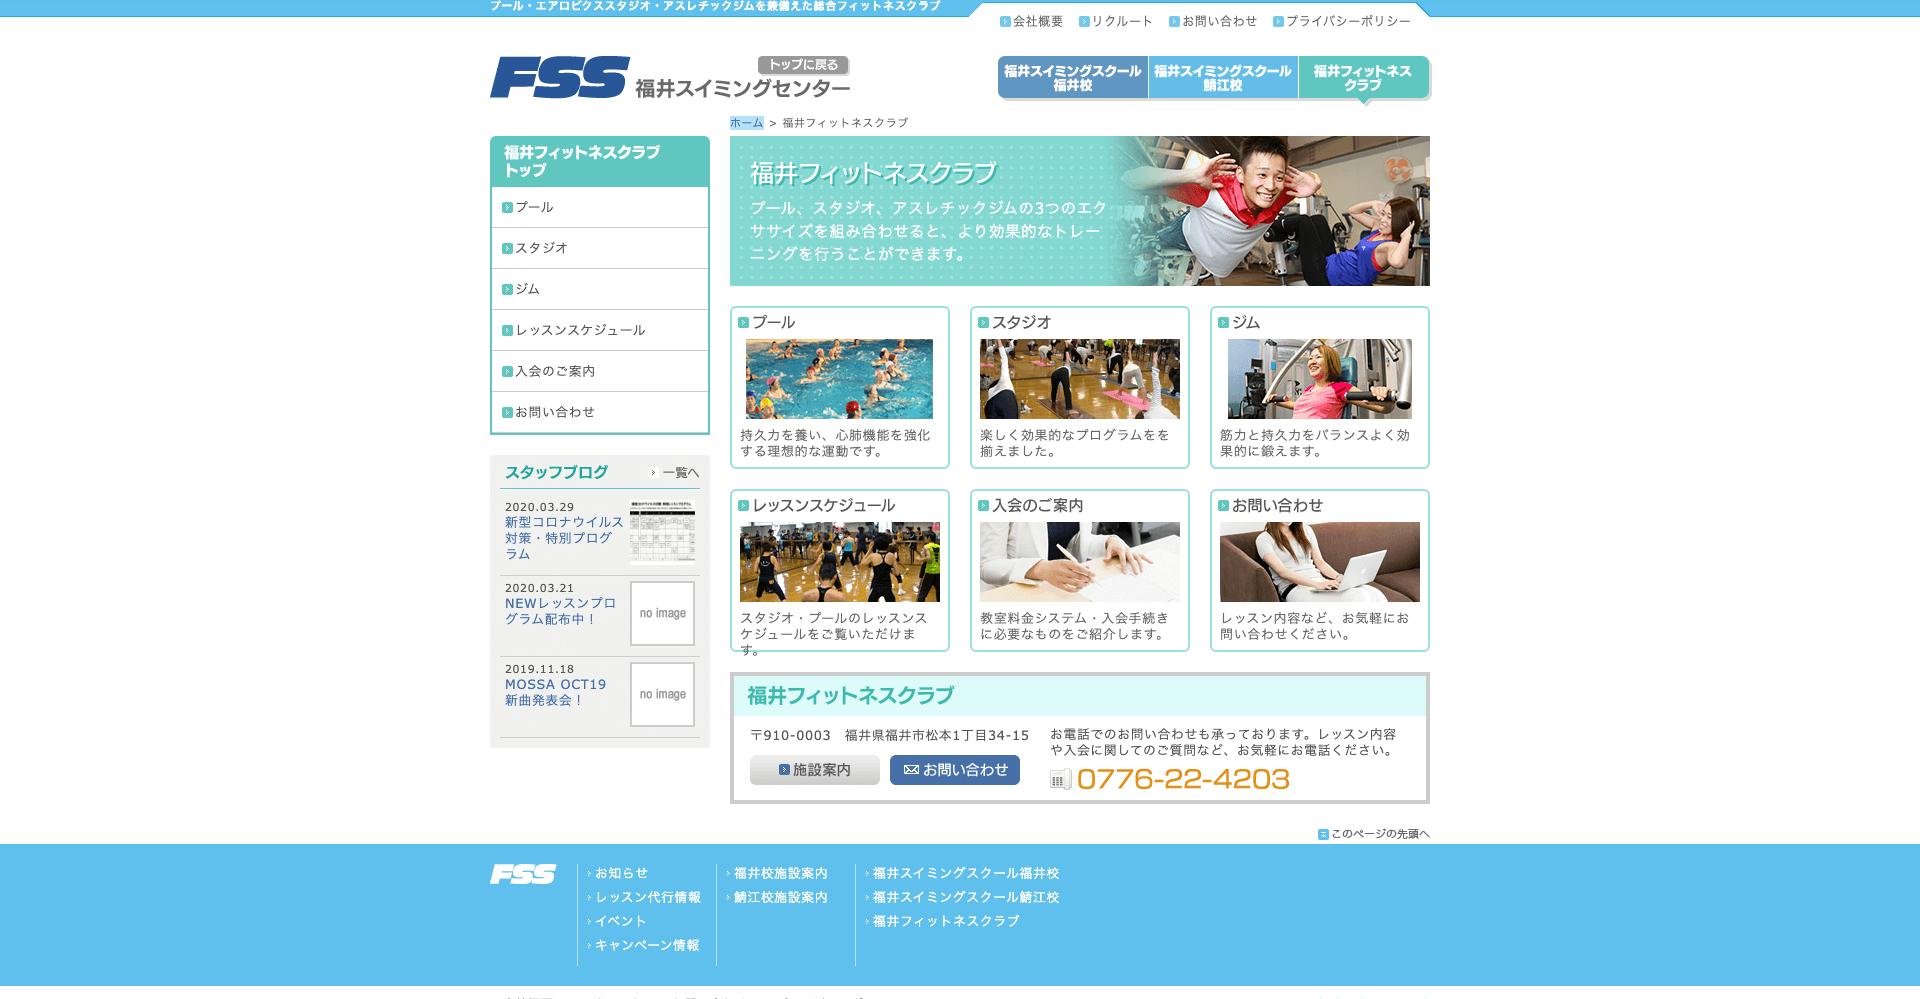 福井フィットネスクラブ